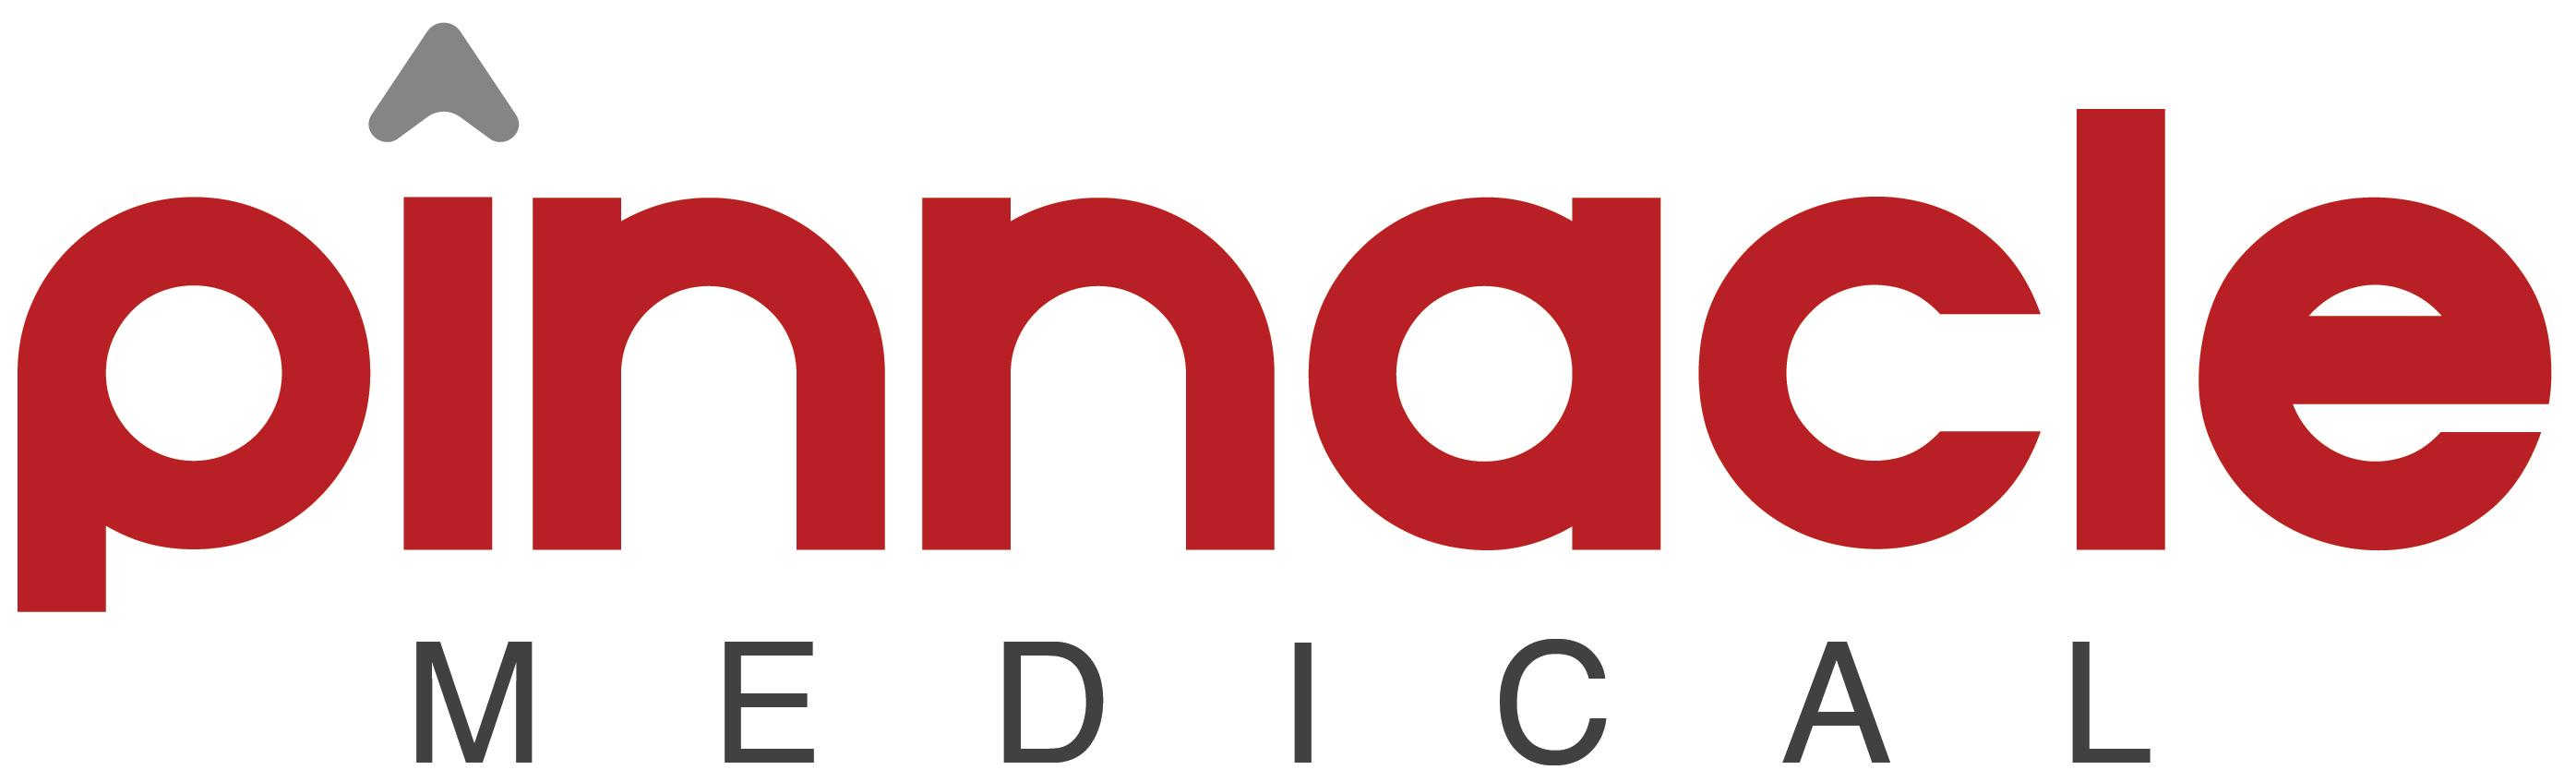 Pinnacle Medical